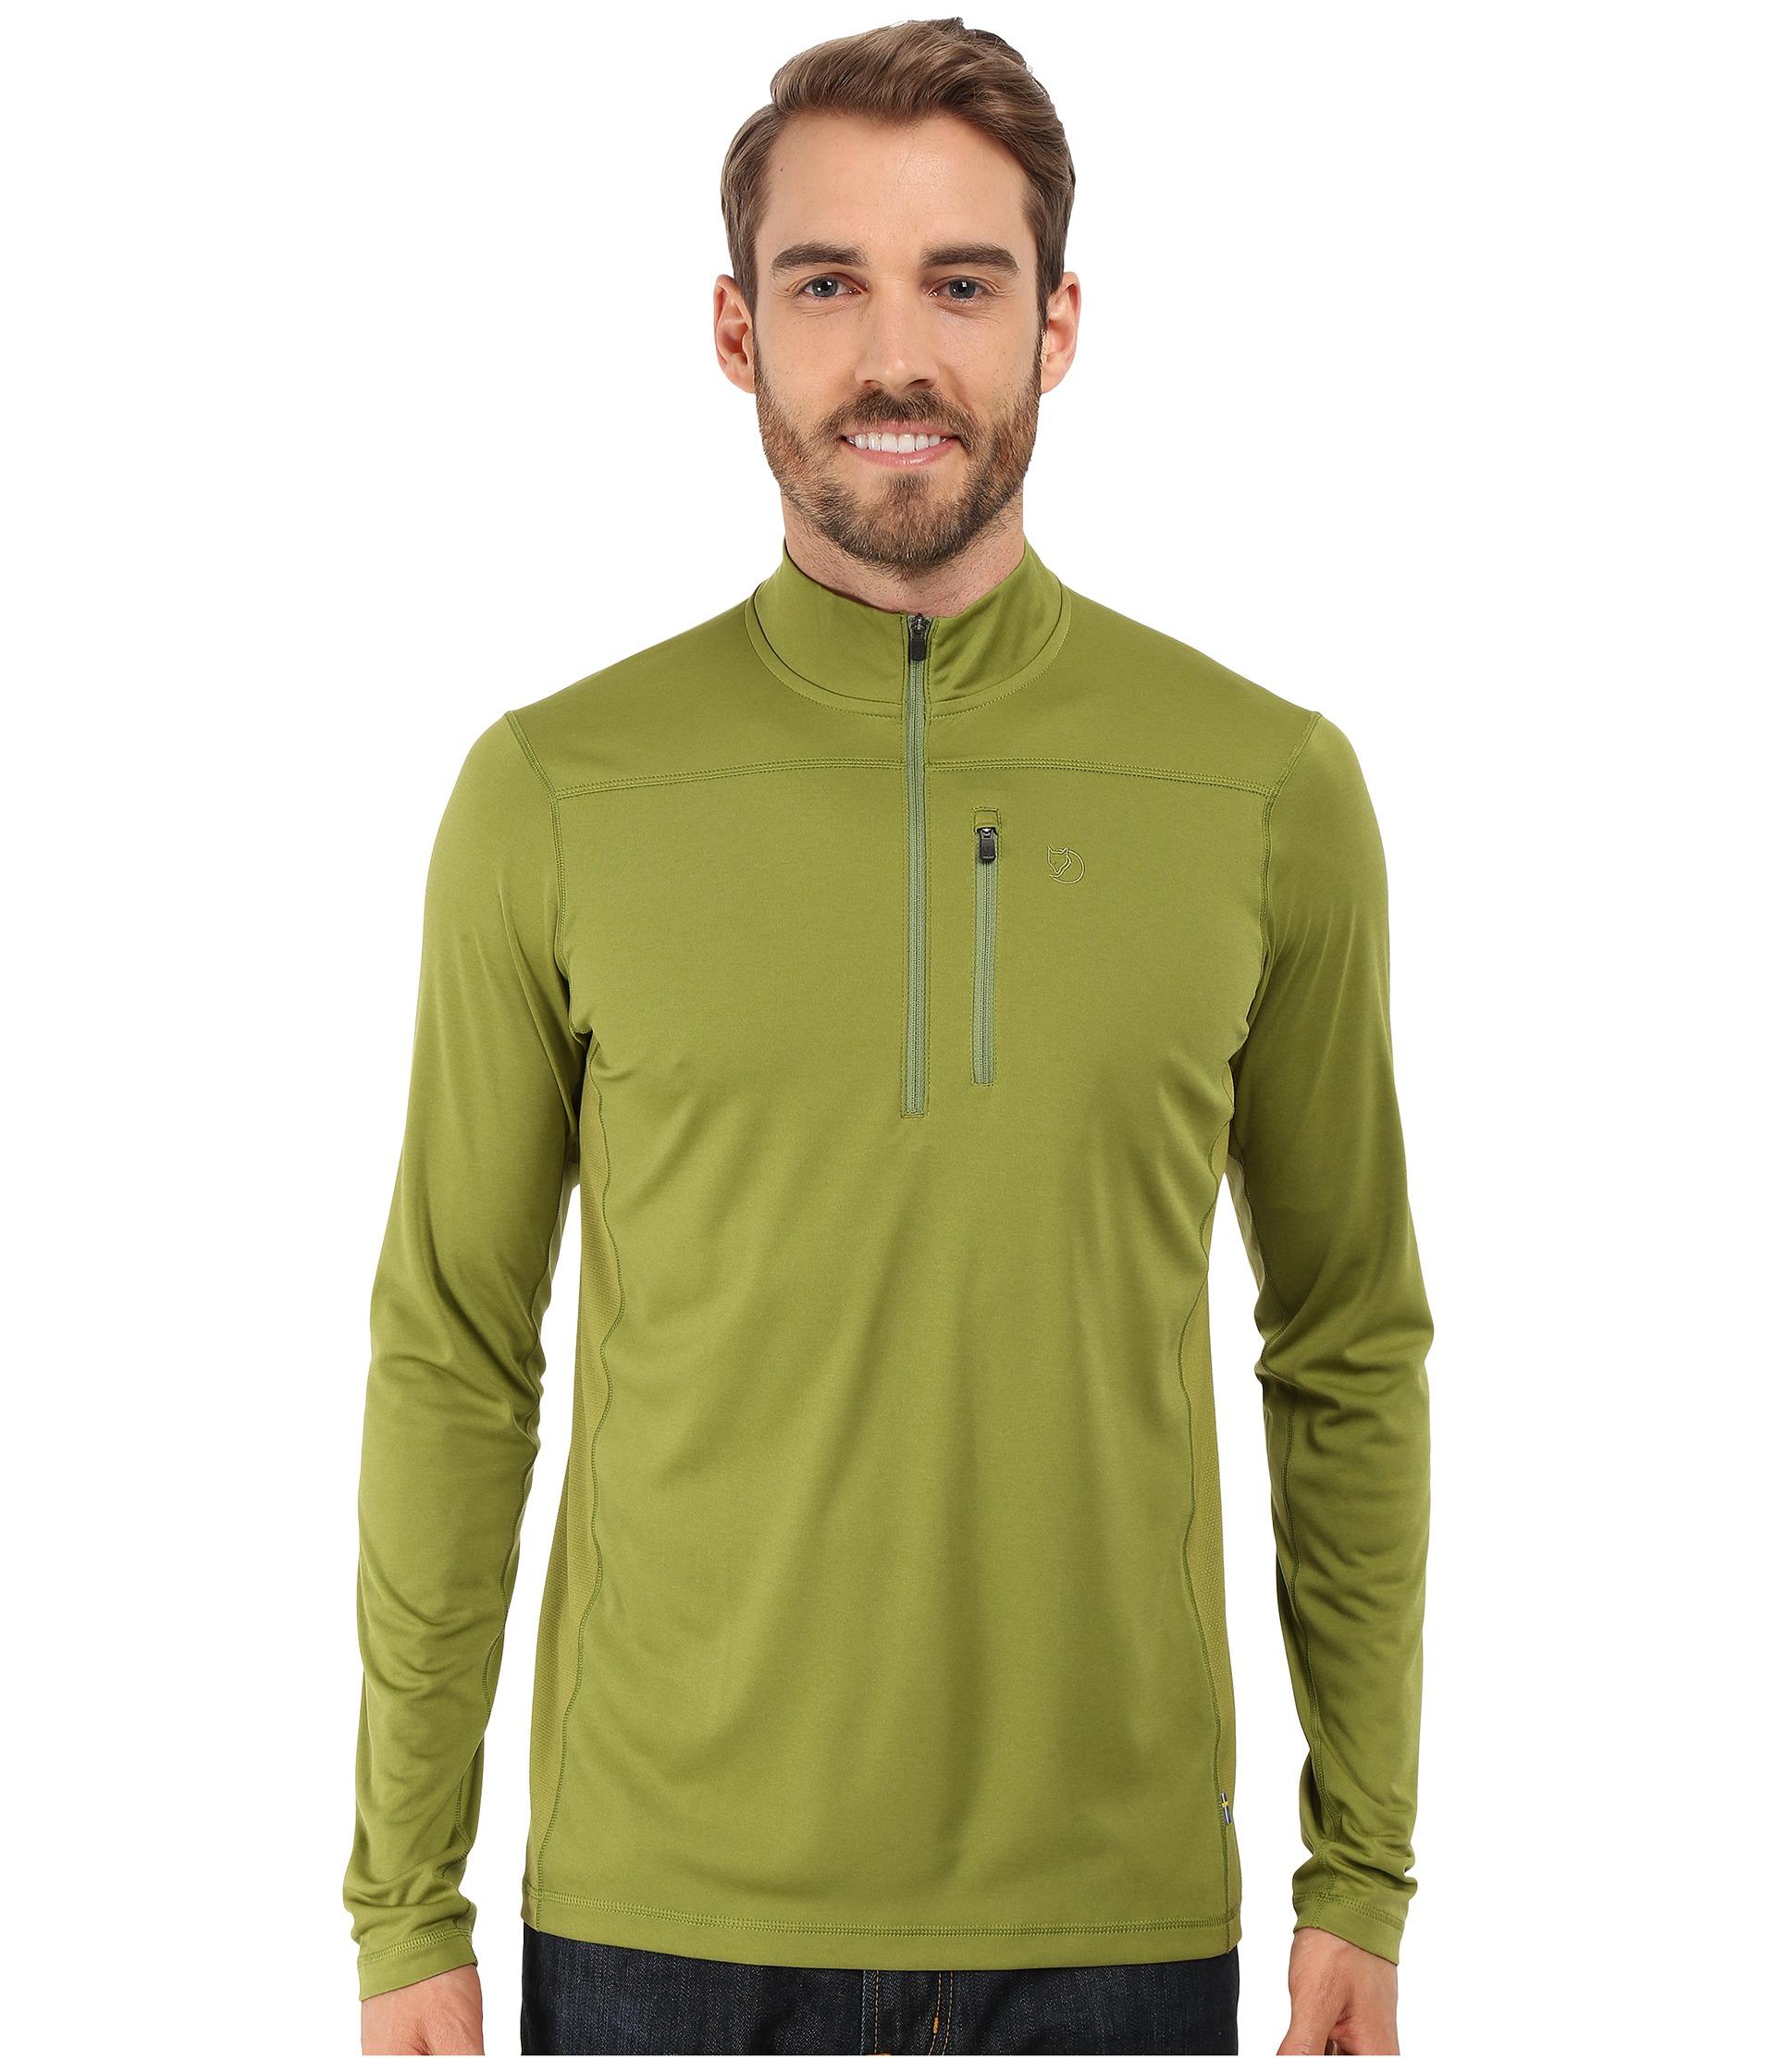 bester Platz schön Design achten Sie auf Fjallraven Green Abisko Vent Zip T-shirt Long Sleeve for men